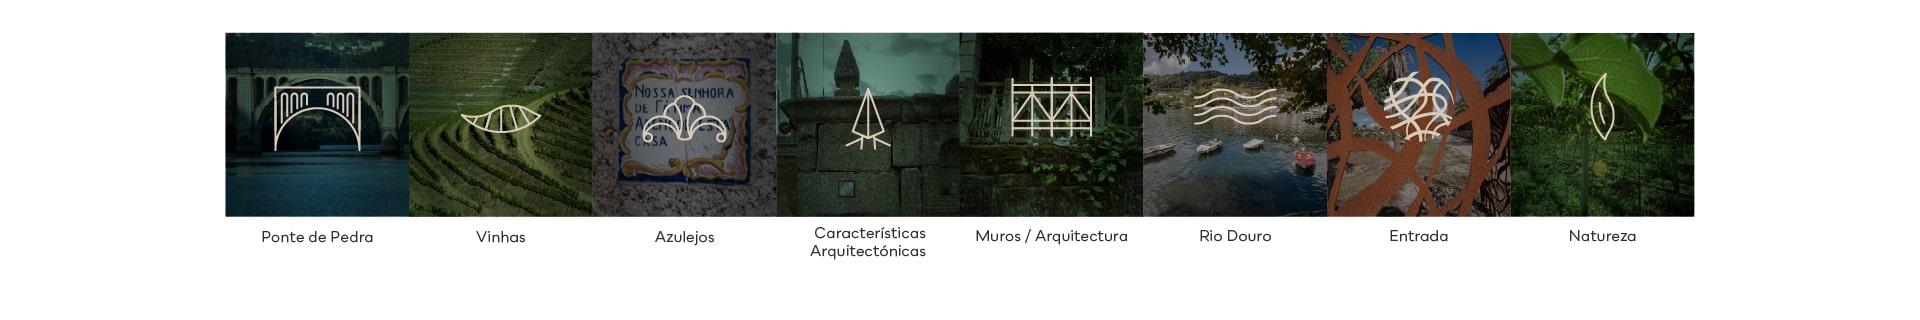 Elementos visuais para o Branding da Quinda de Santo António